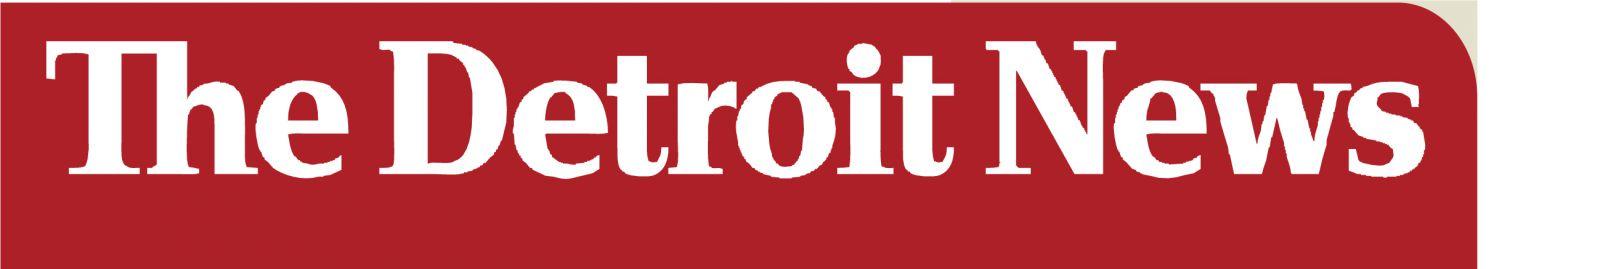 Detroit touts success in rape kits crisis